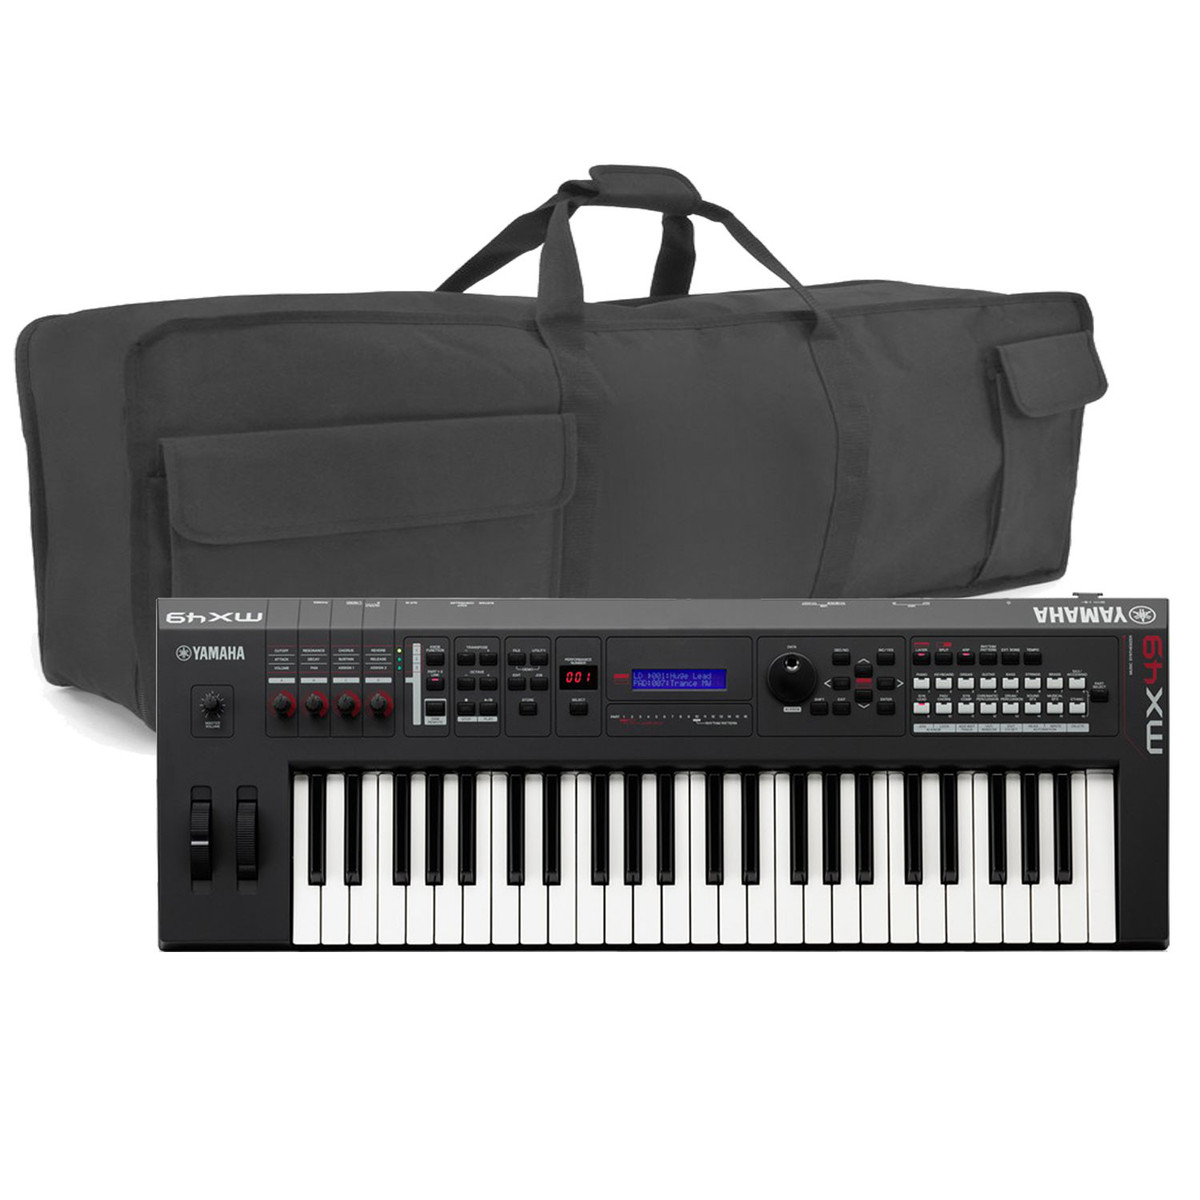 Yamaha MX49 Music Production Synthesizer + FREE BAG